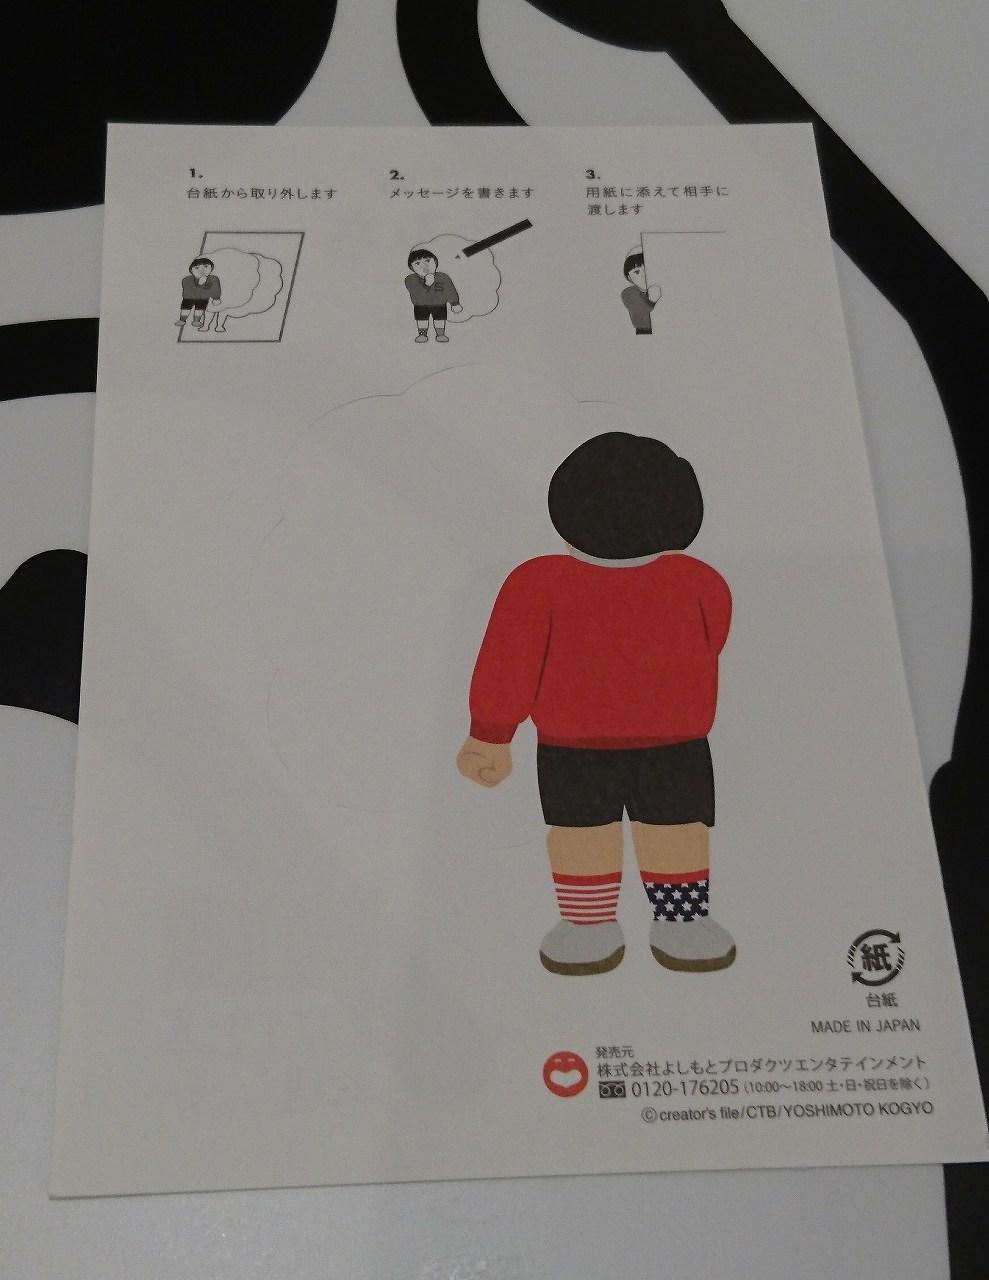 メモ帳(上杉みち)